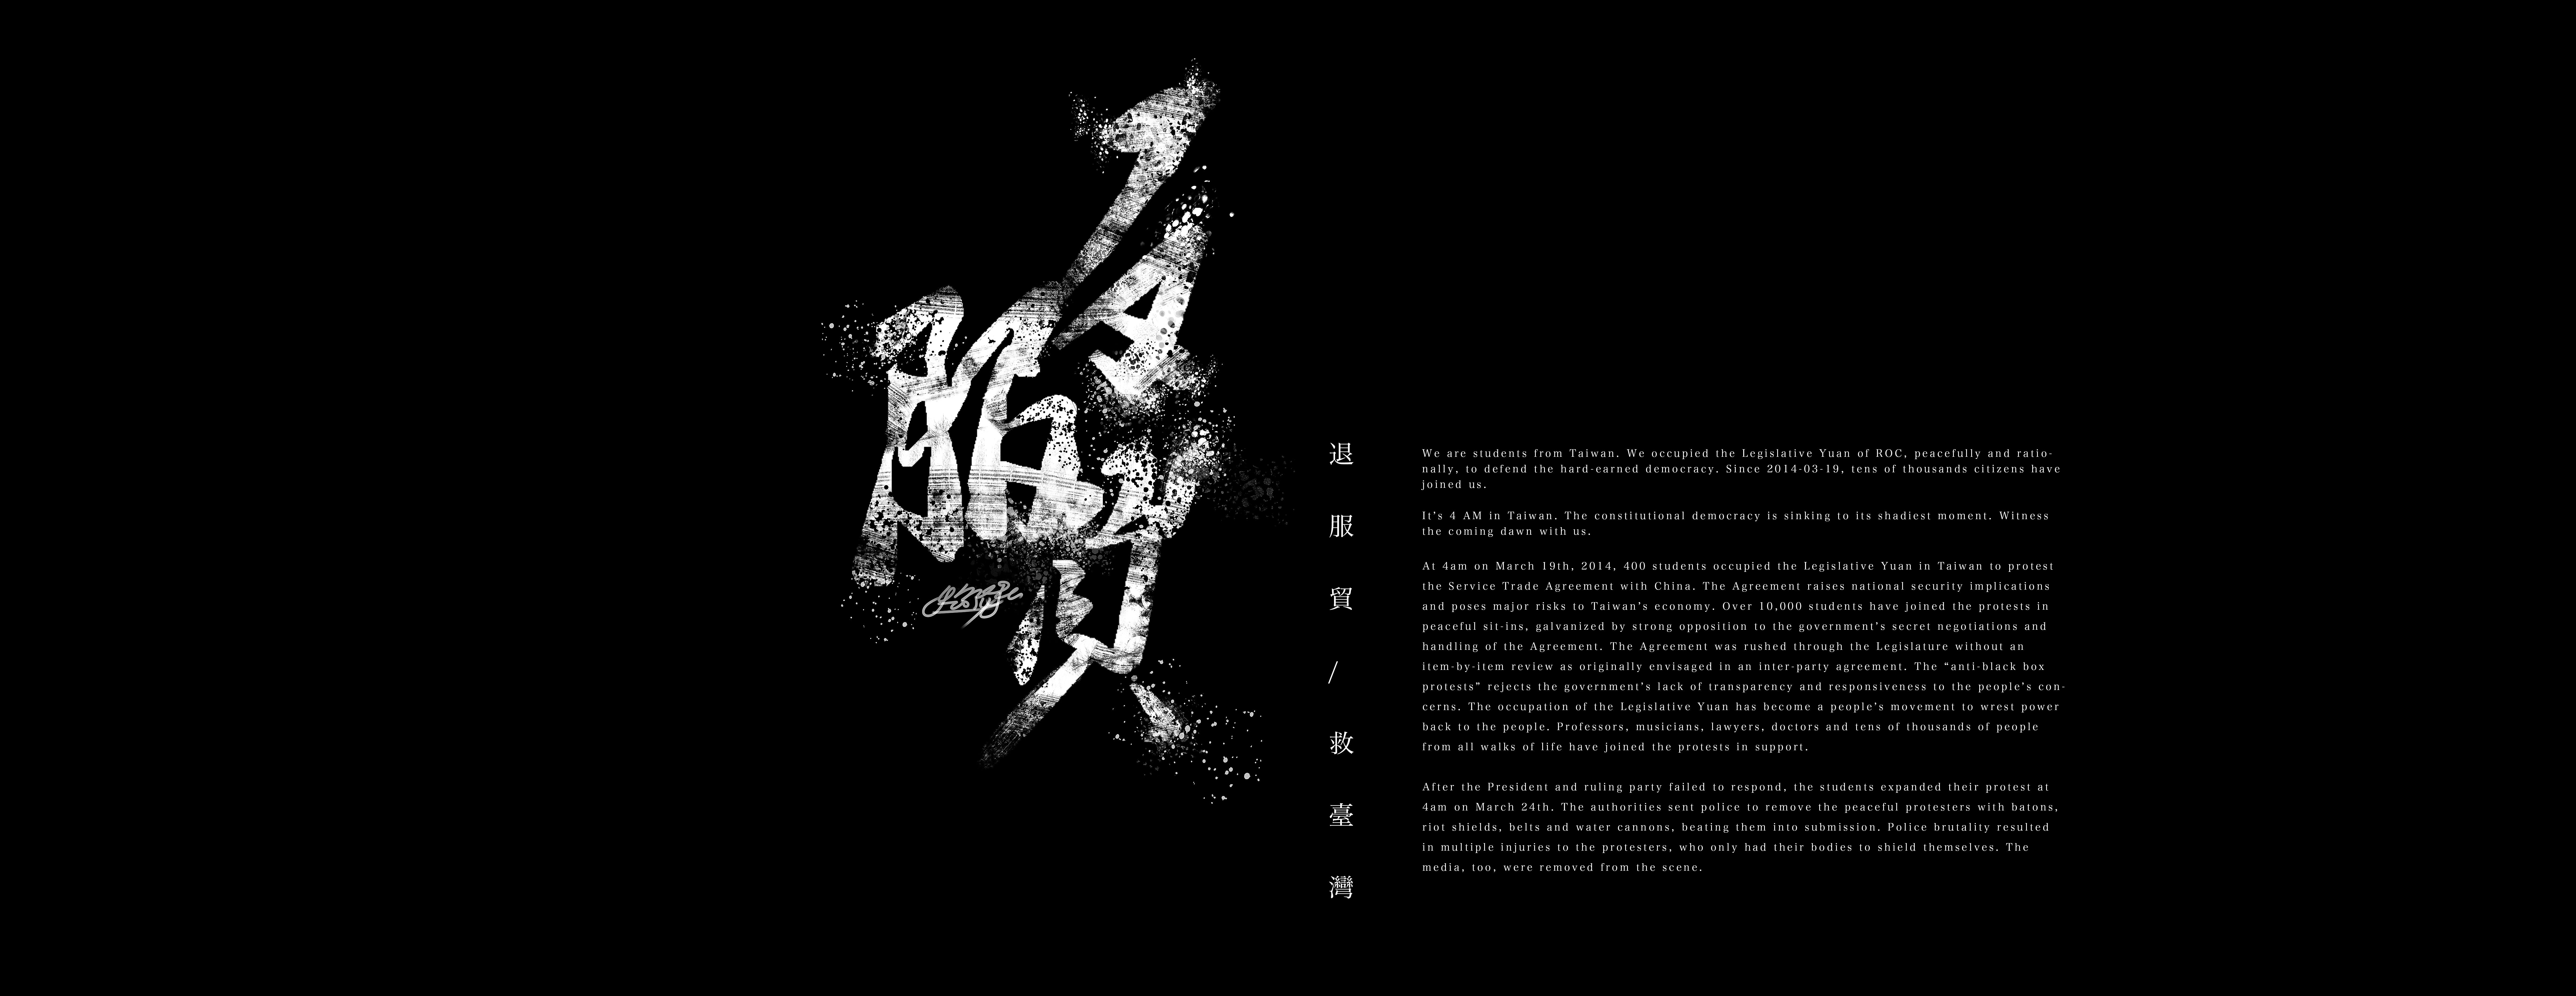 反服貿,救臺灣 #type#word#taiwan#服貿#save#design#poster